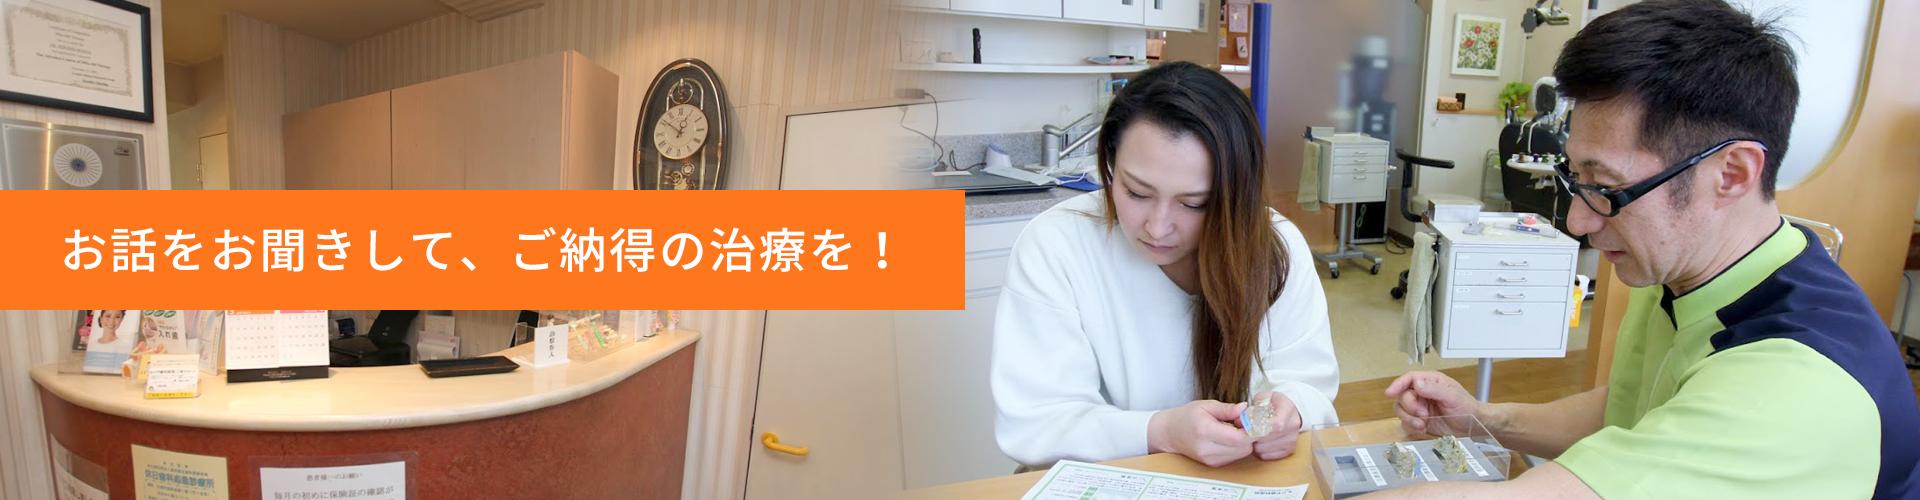 王子 インプラント 医師のご紹介|東京都 北区